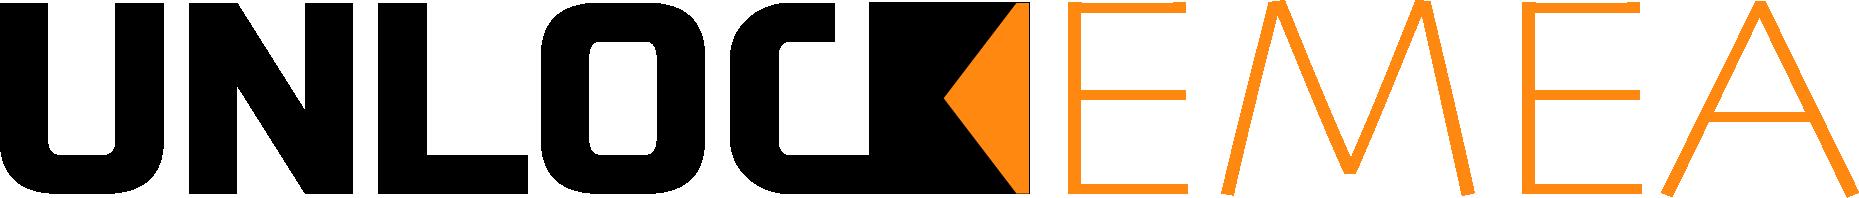 European Sales Agency | Unlock EMEA